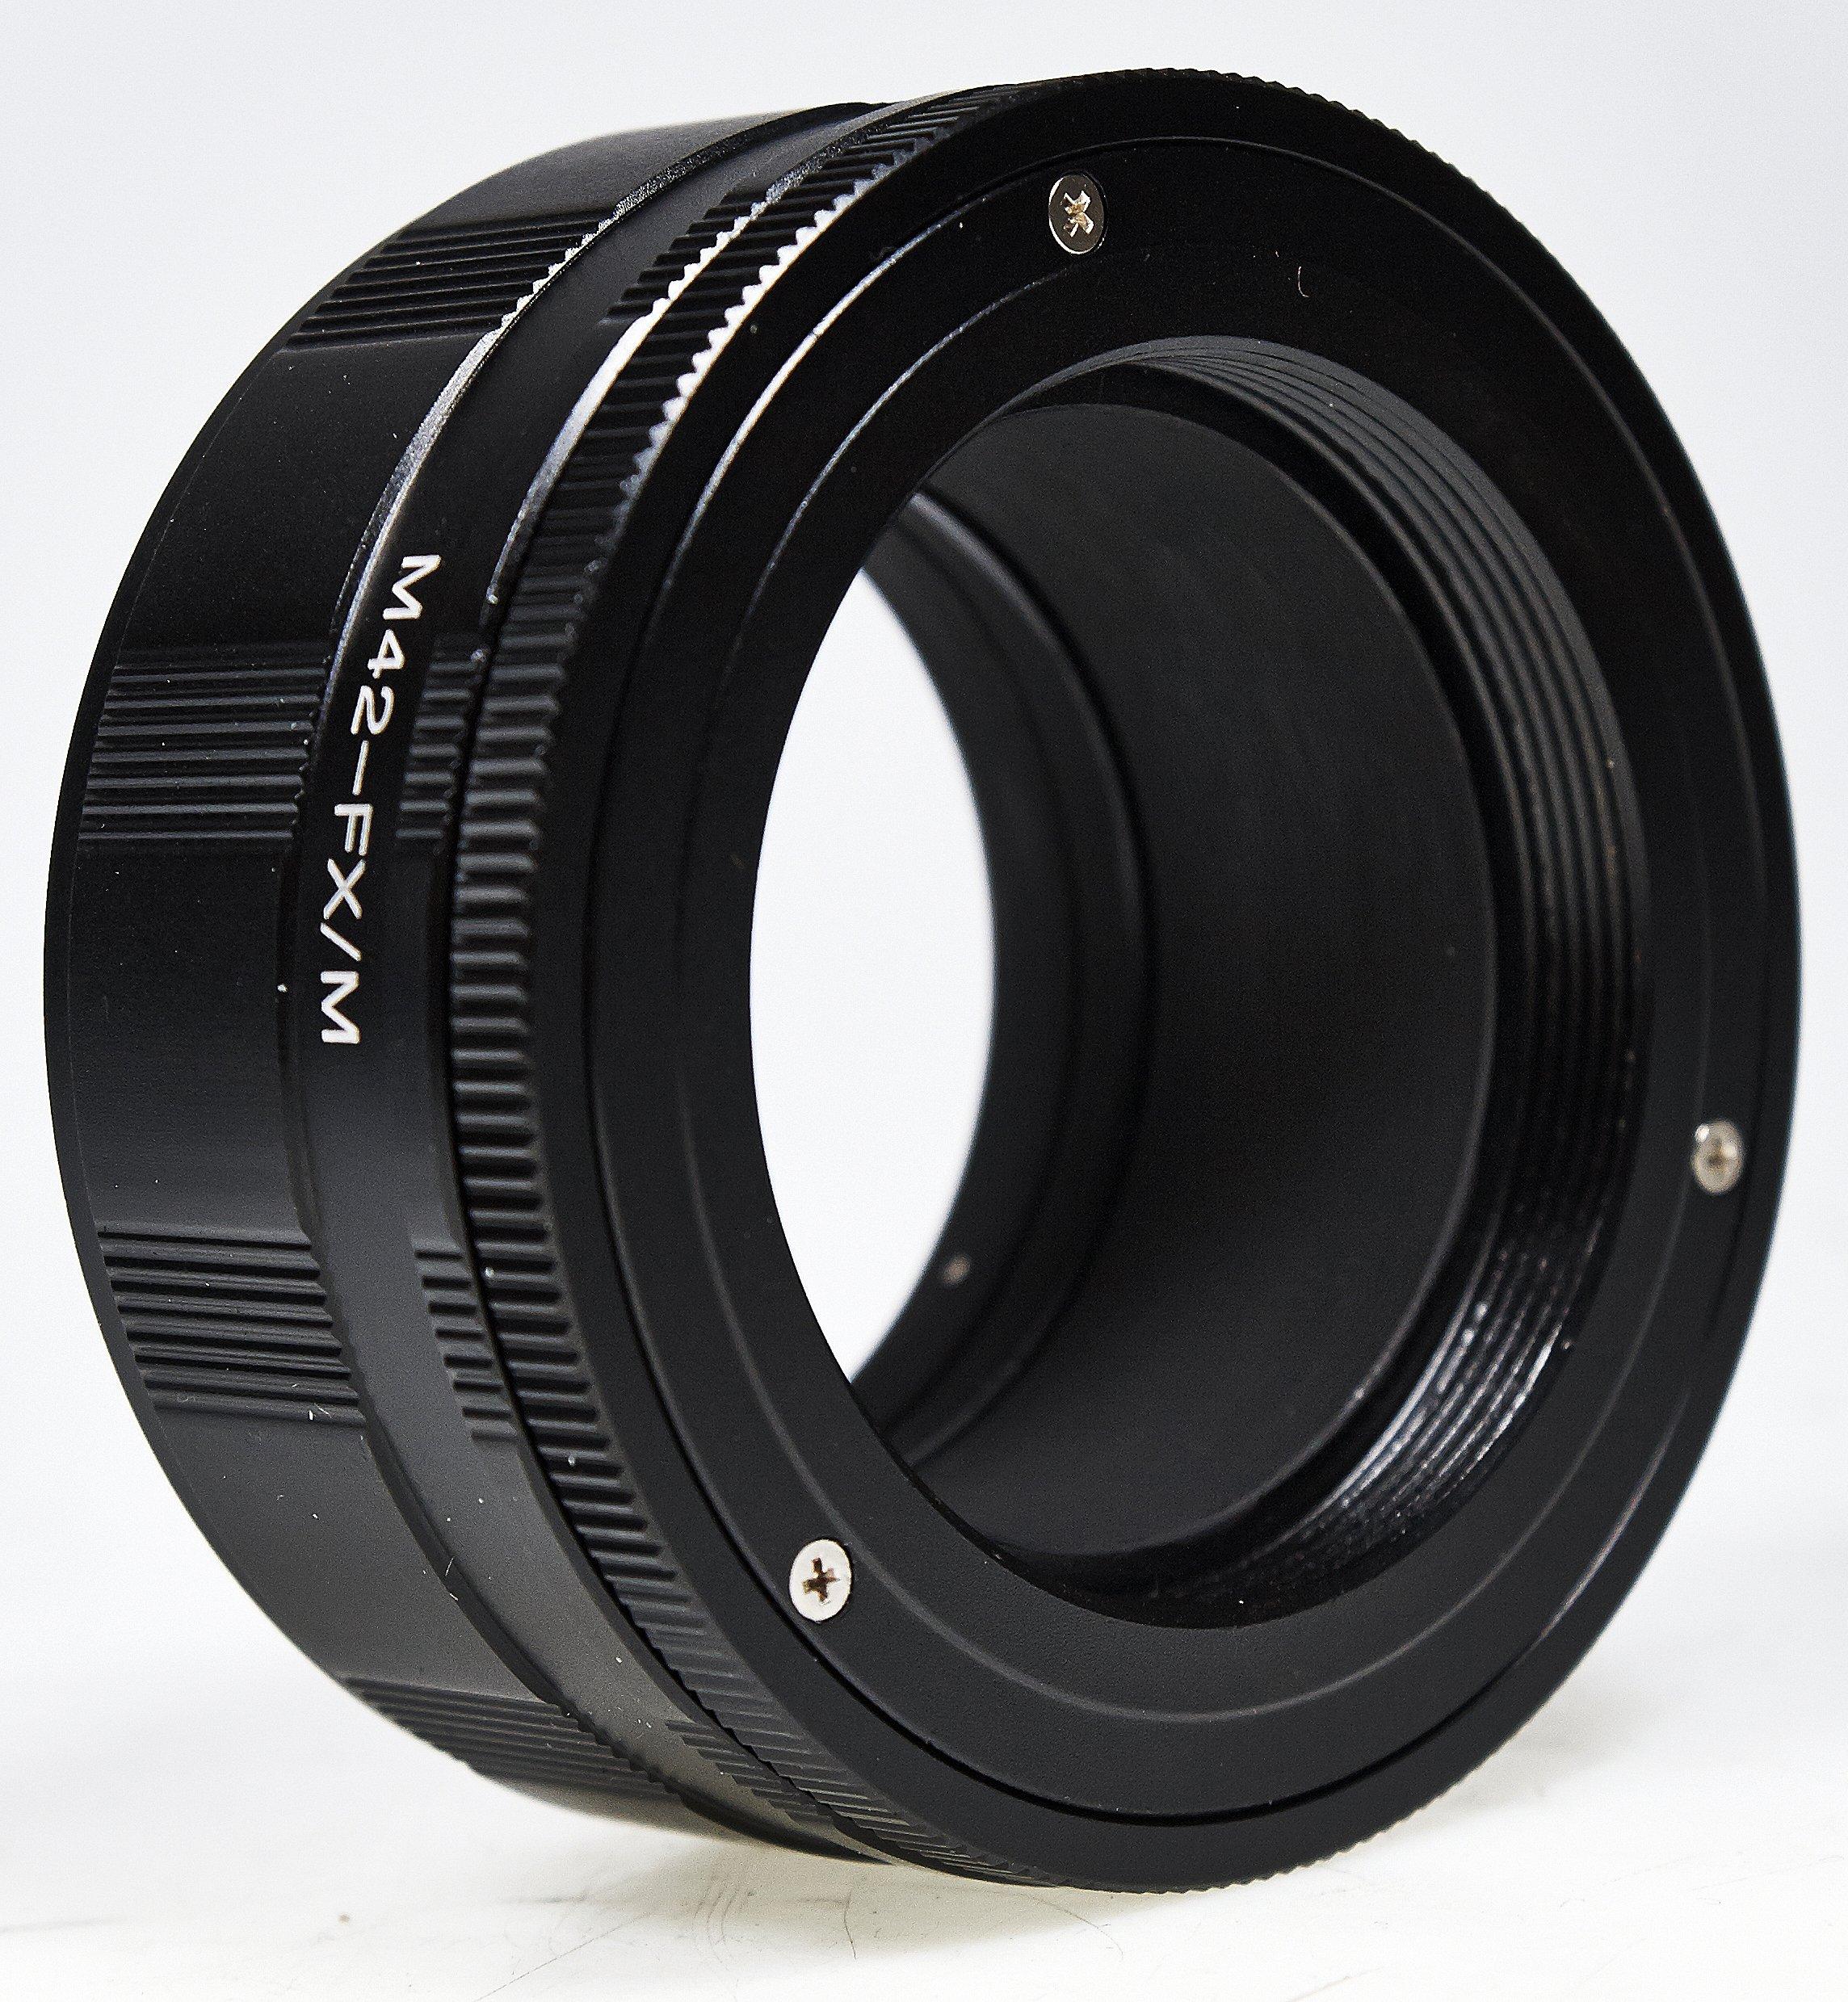 B.I.G. adaptér objektivu M42 na tělo Fujifilm X s funkcí makro